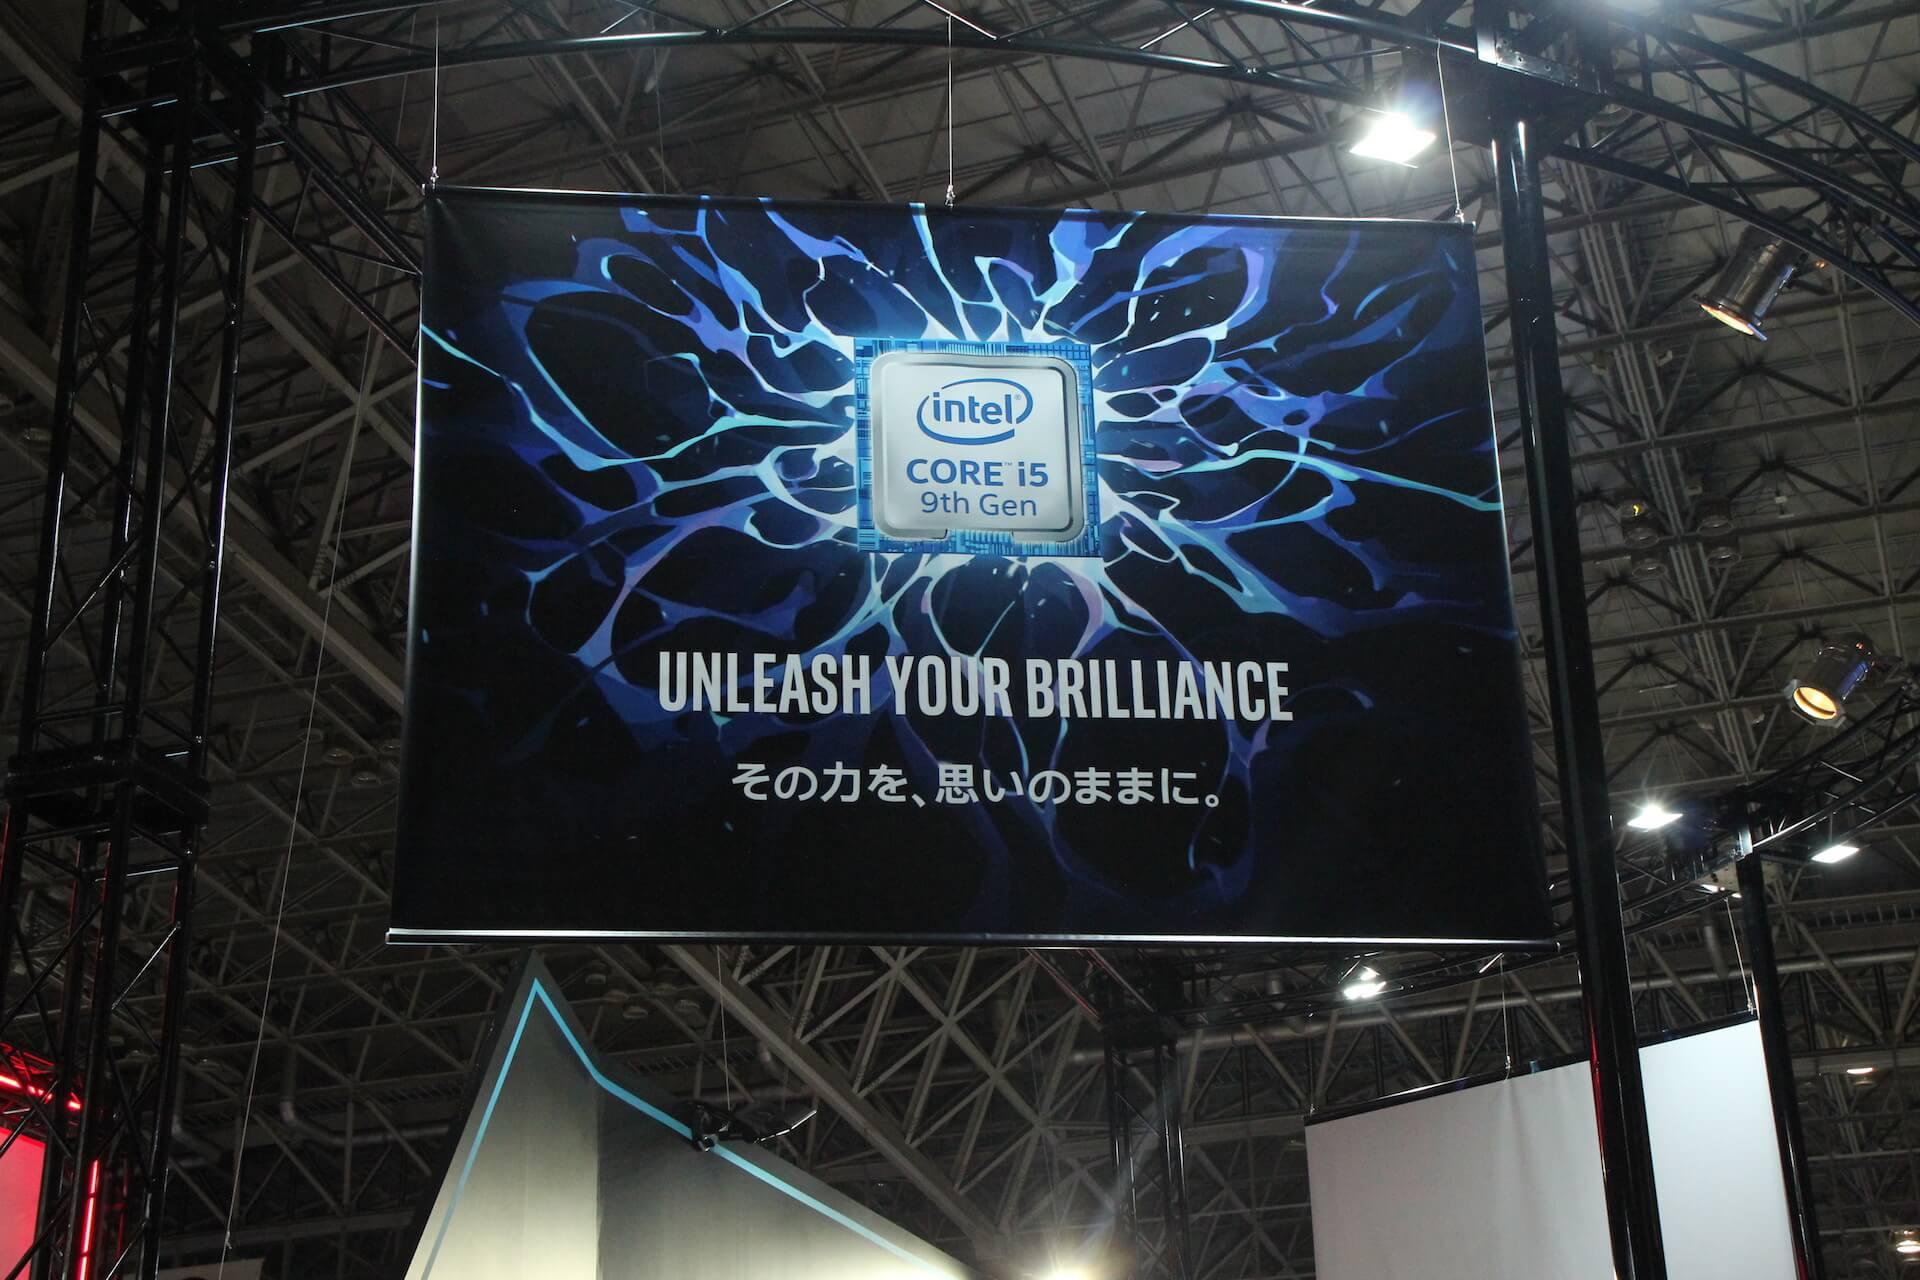 「東京ゲームショウ 2019」インテルが「Intel World Open」開催を発表「日本でeスポーツの裾野を広げるため」 tech190918_tokyogameshow2019_1-1